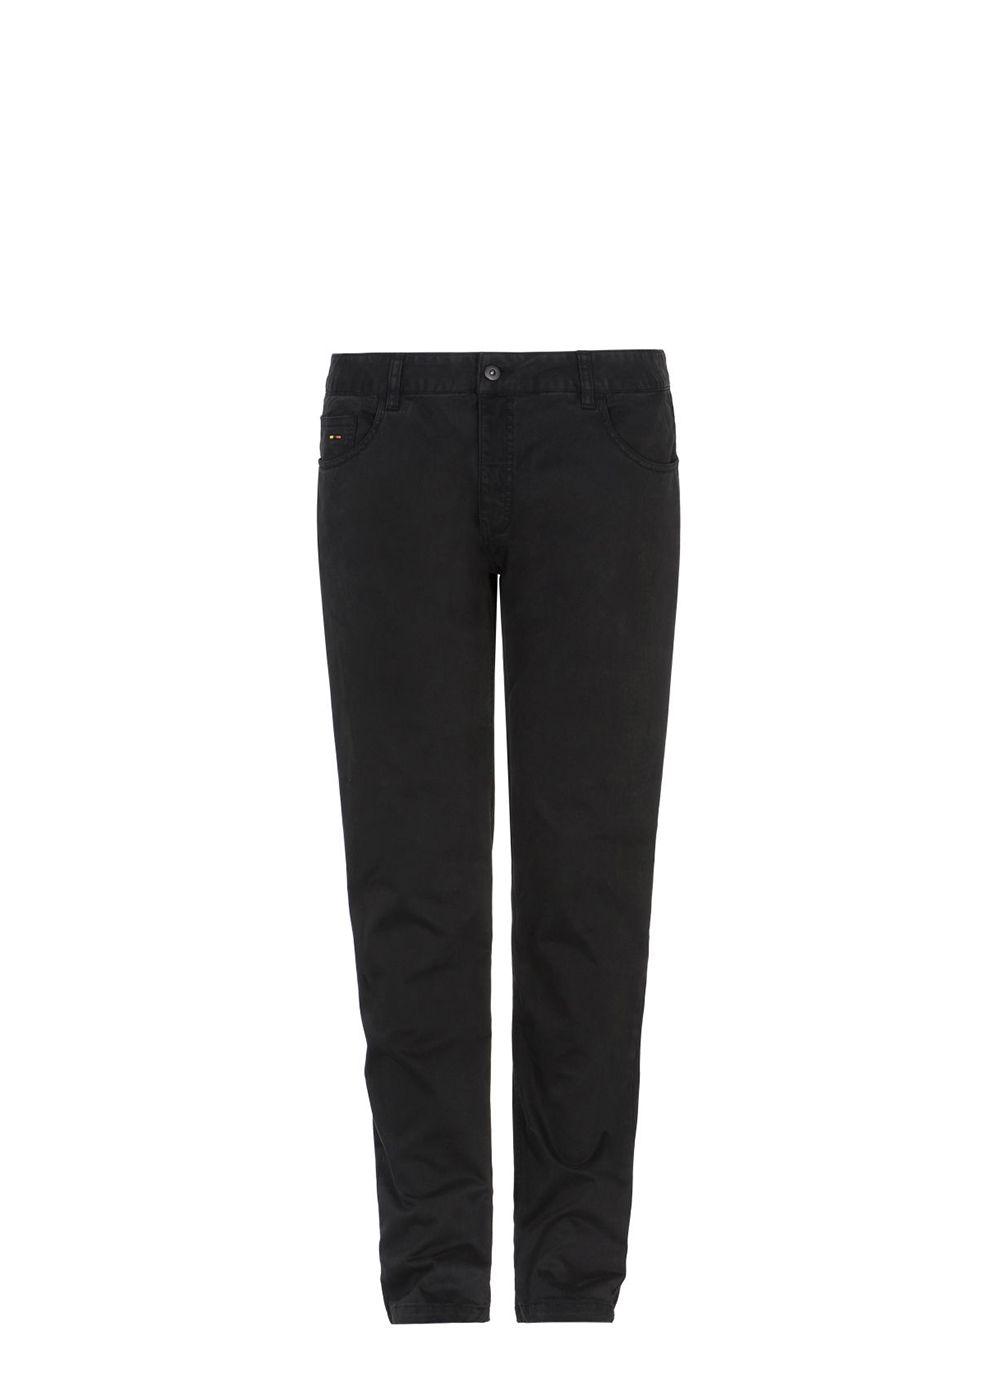 Spodnie męskie SPOMT-0056-99(Z20)